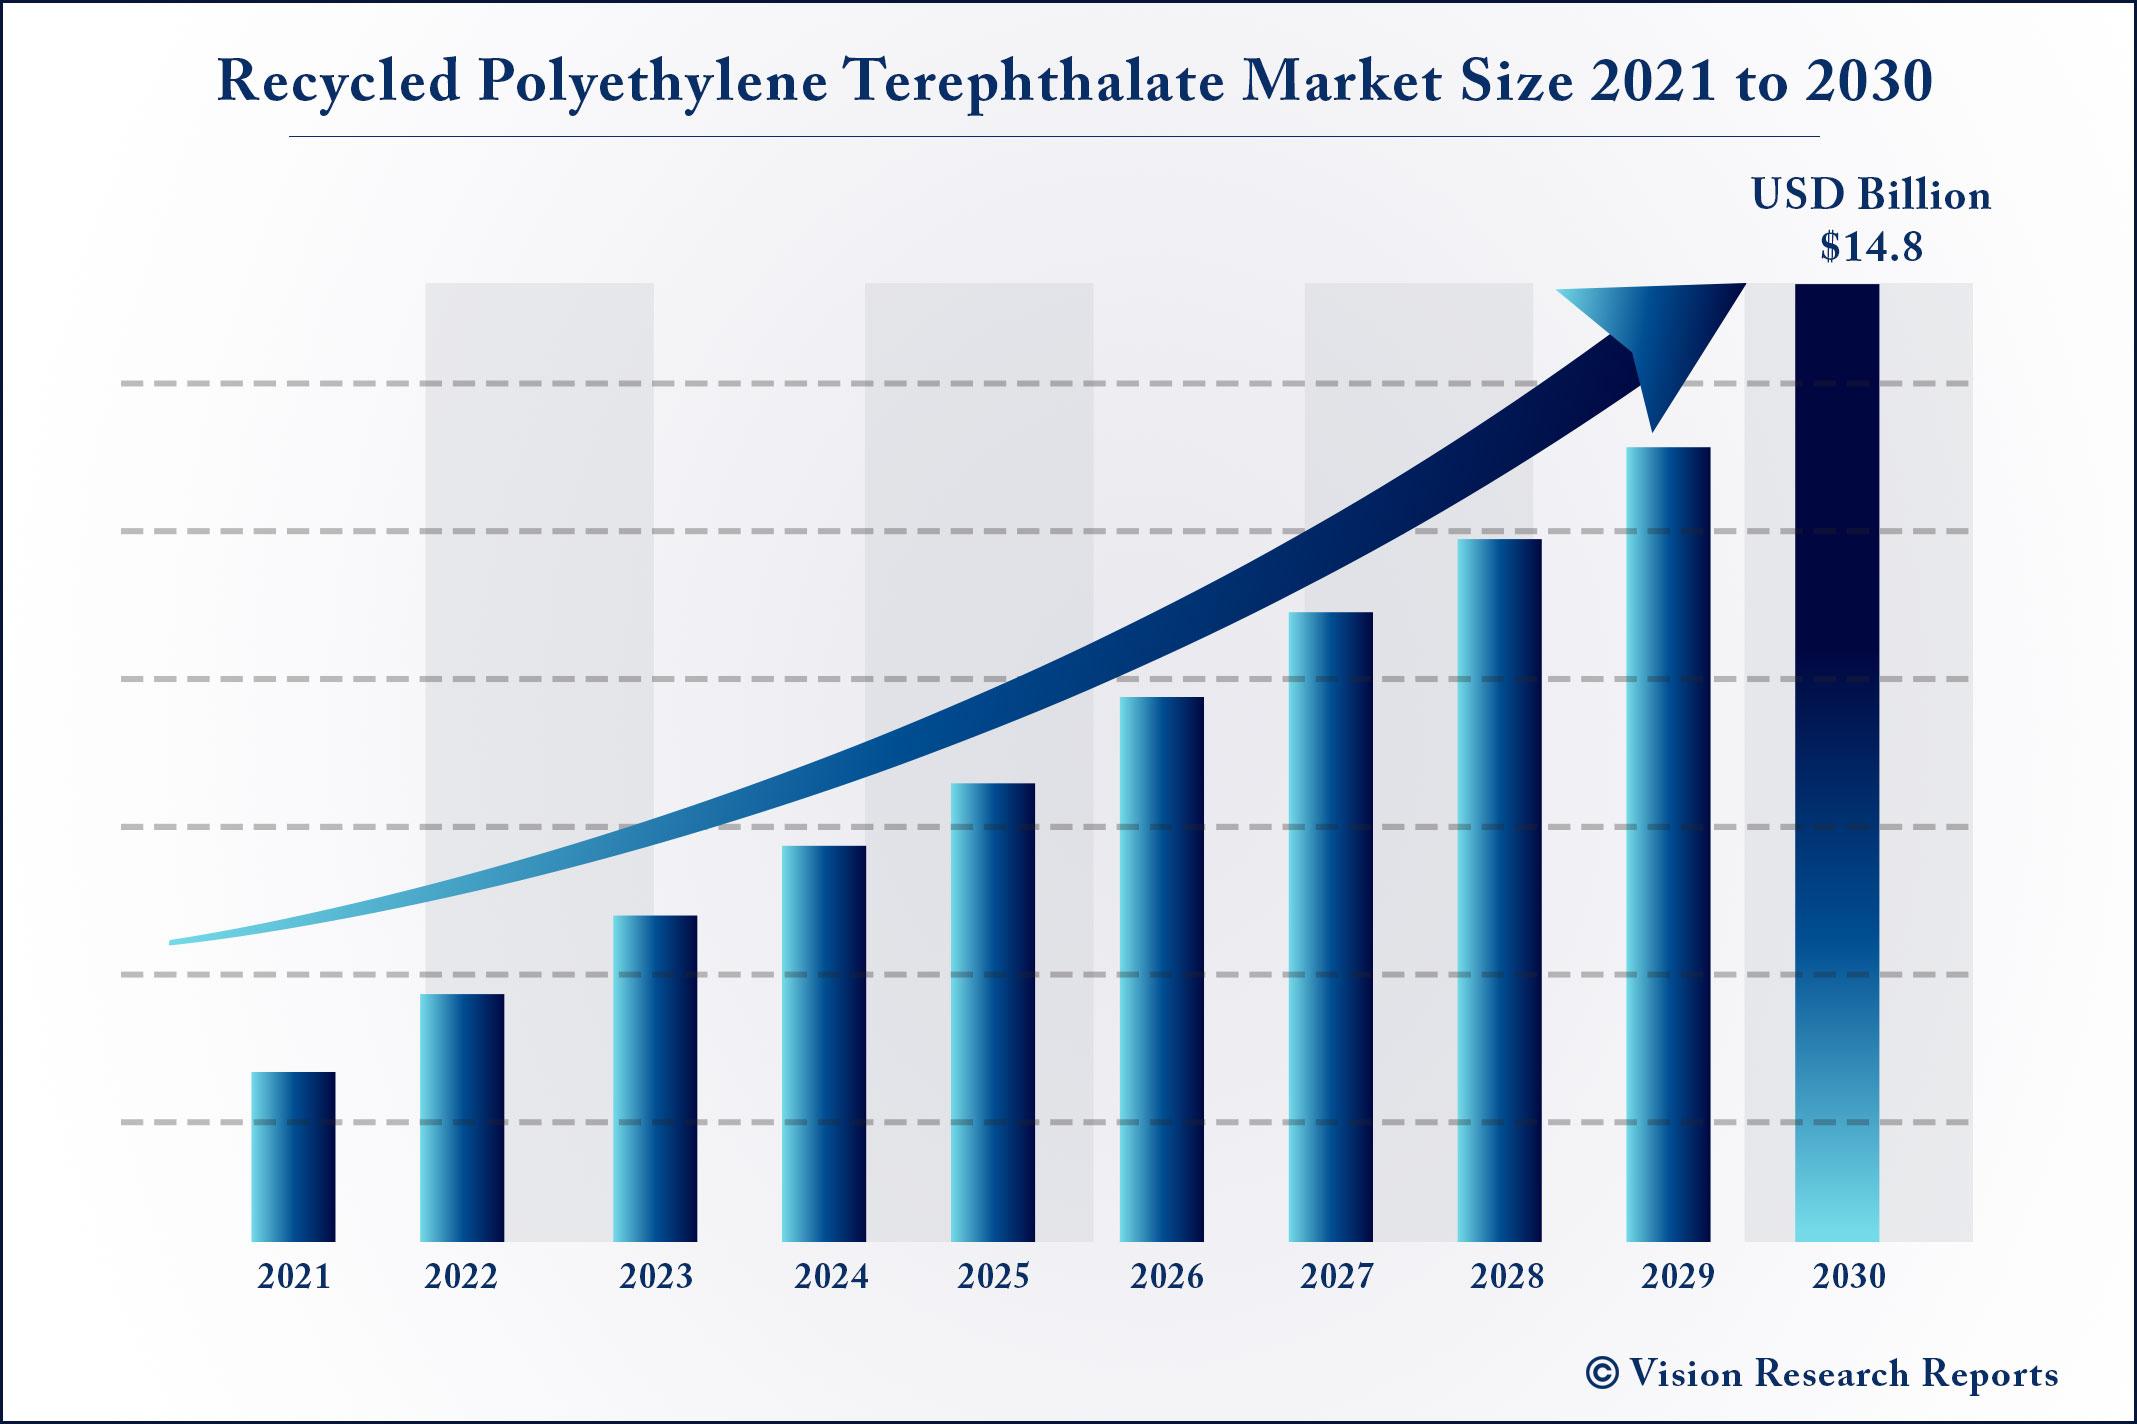 Recycled Polyethylene Terephthalate Market Size 2021 to 2030